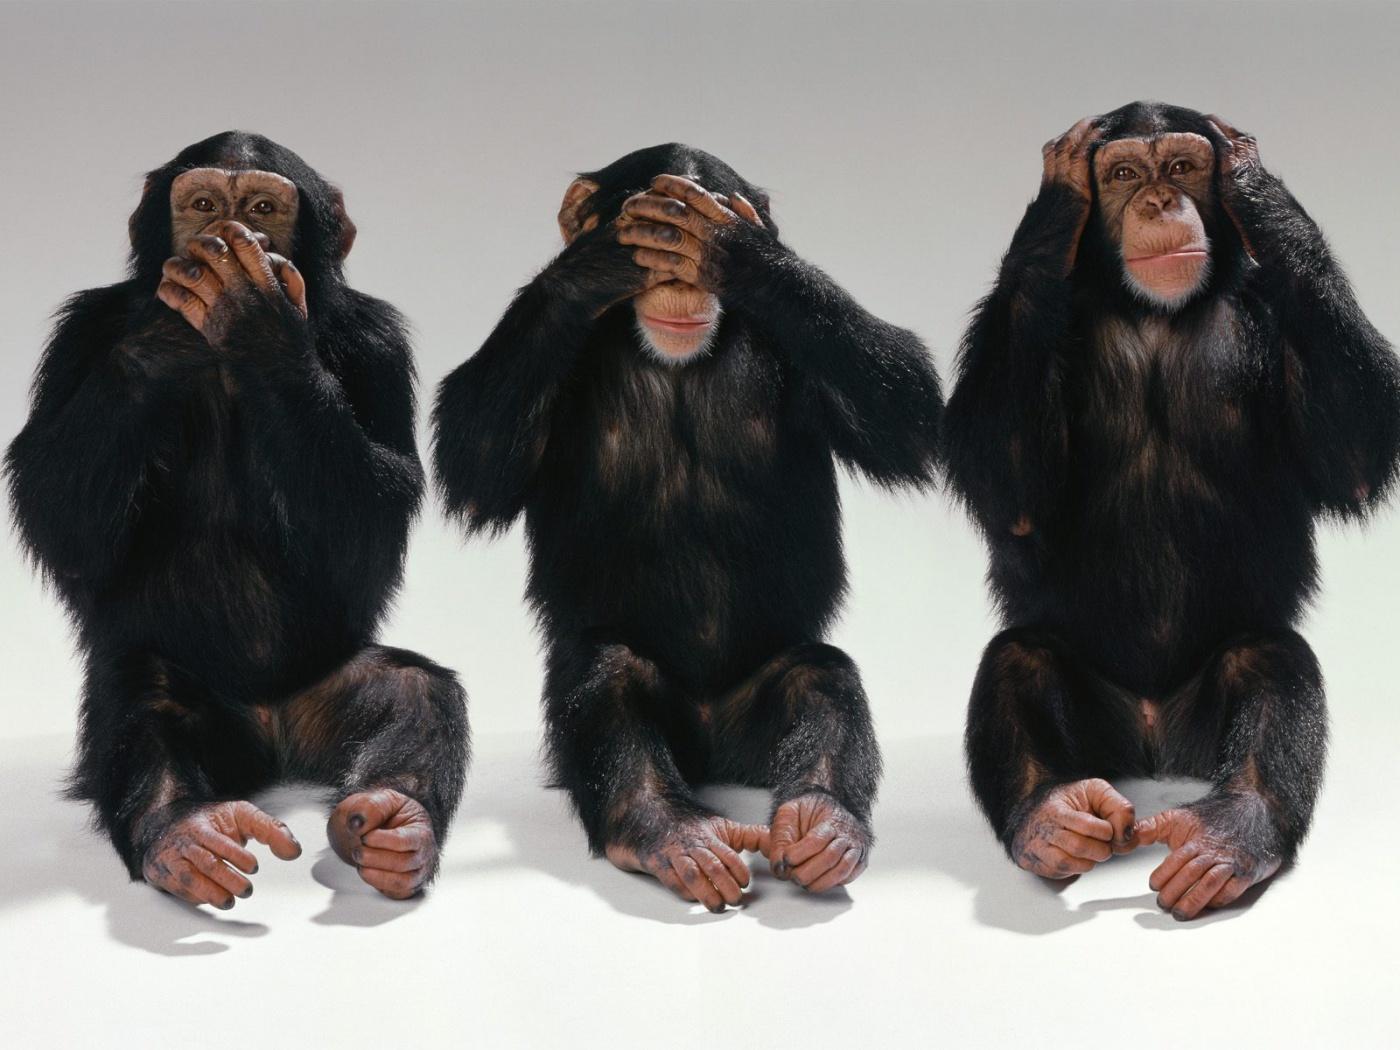 No Evil Hear No Evil Speak No Evil   Three Monkeys Photo wallpaper 1400x1050